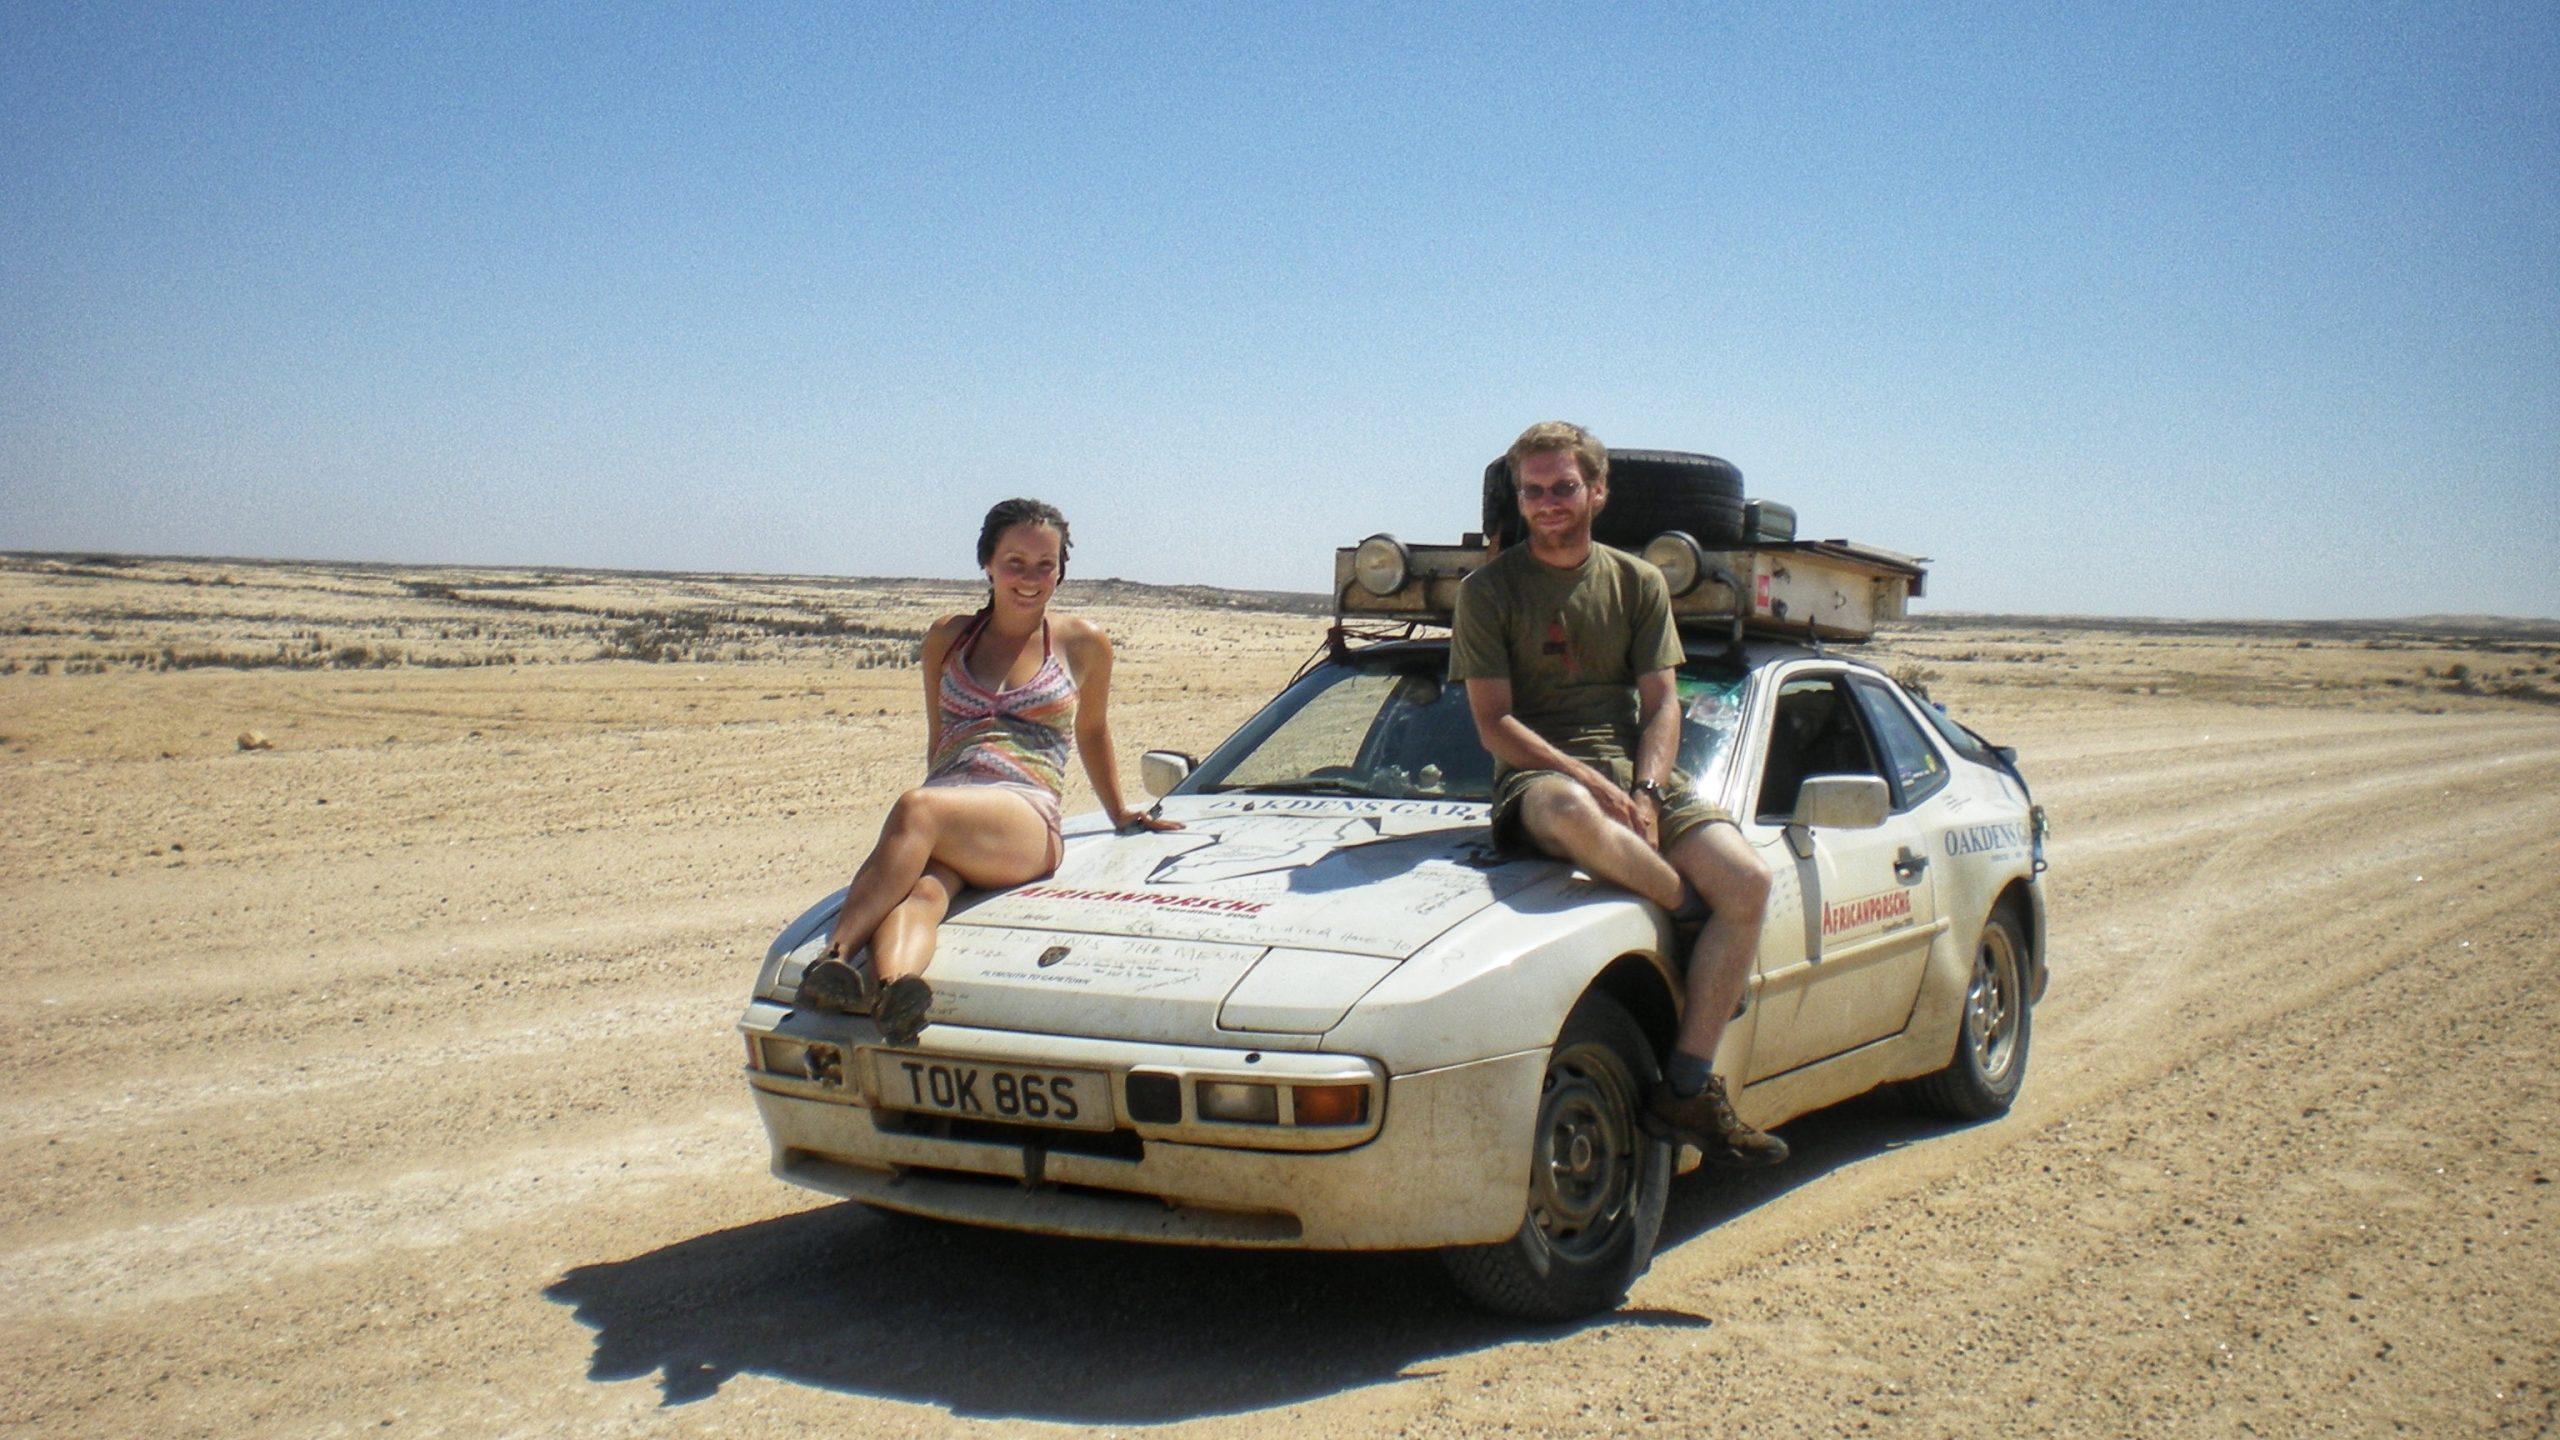 Africa Porsche 944 driver and co-pilot